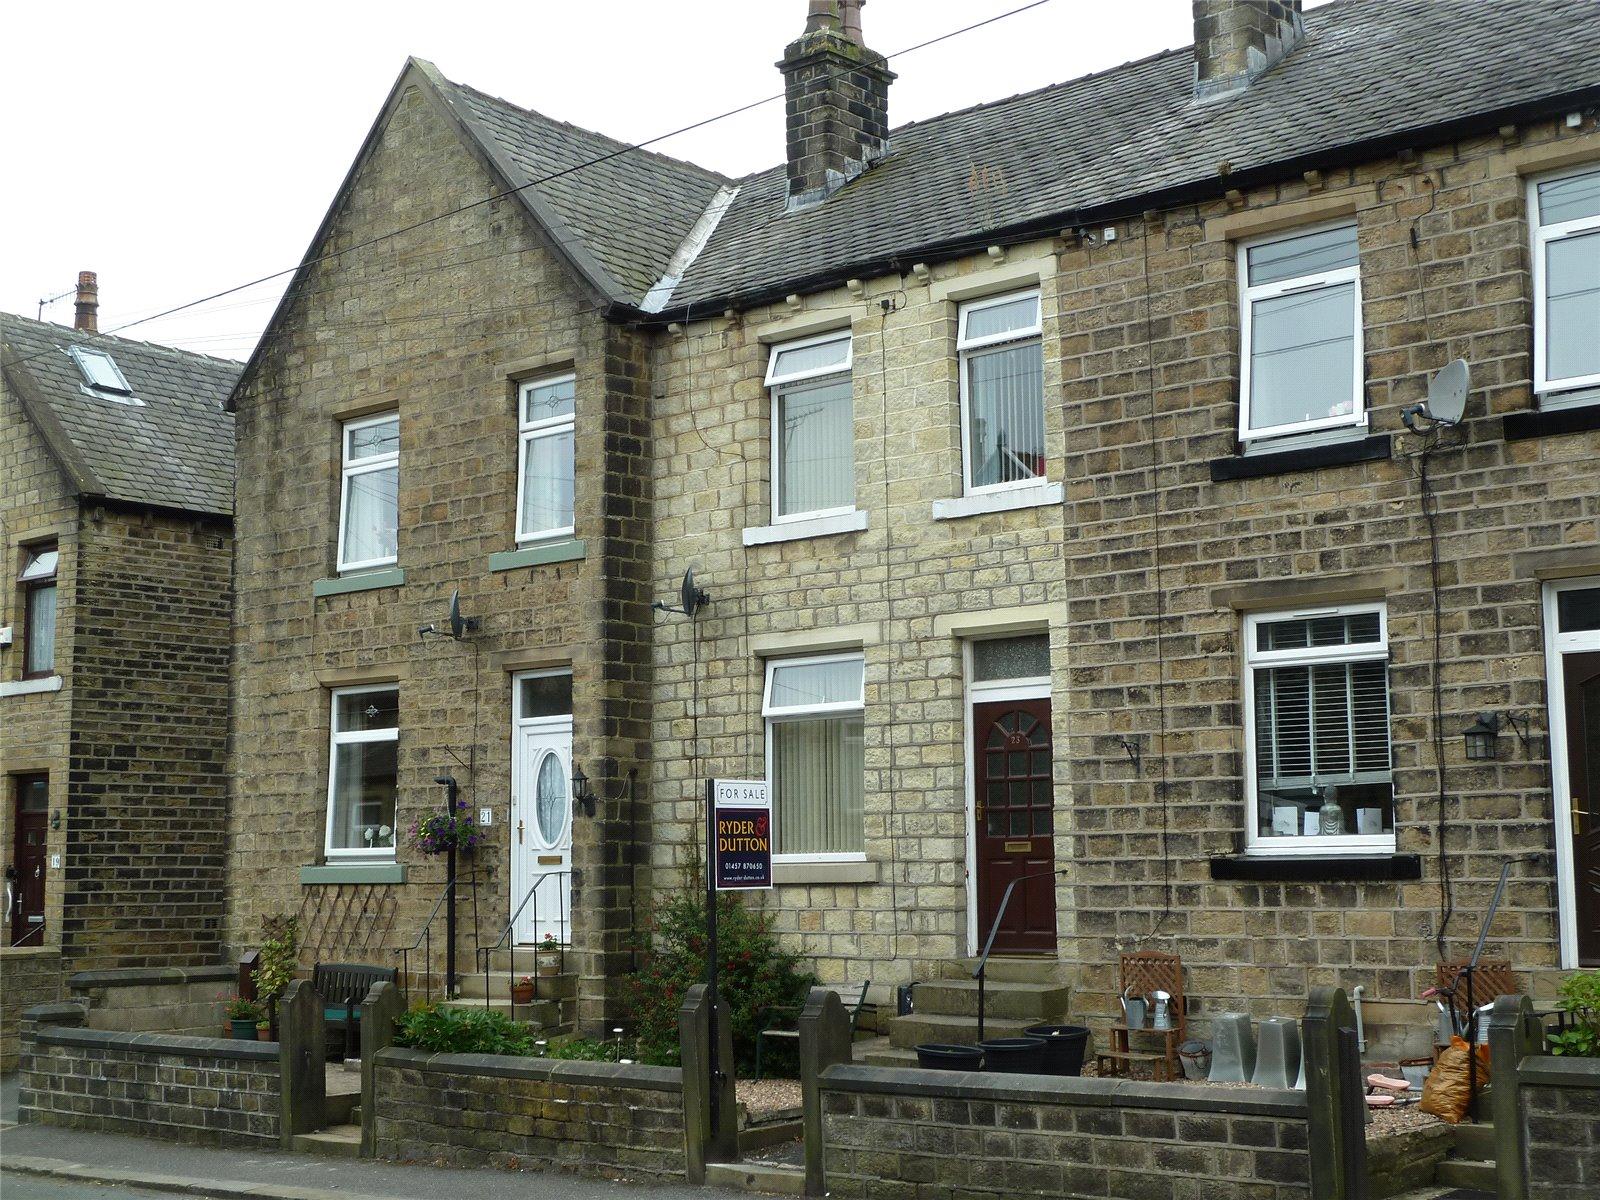 3 Bedrooms Terraced House for sale in Grange Avenue, Marsden, Huddersfield, HD7